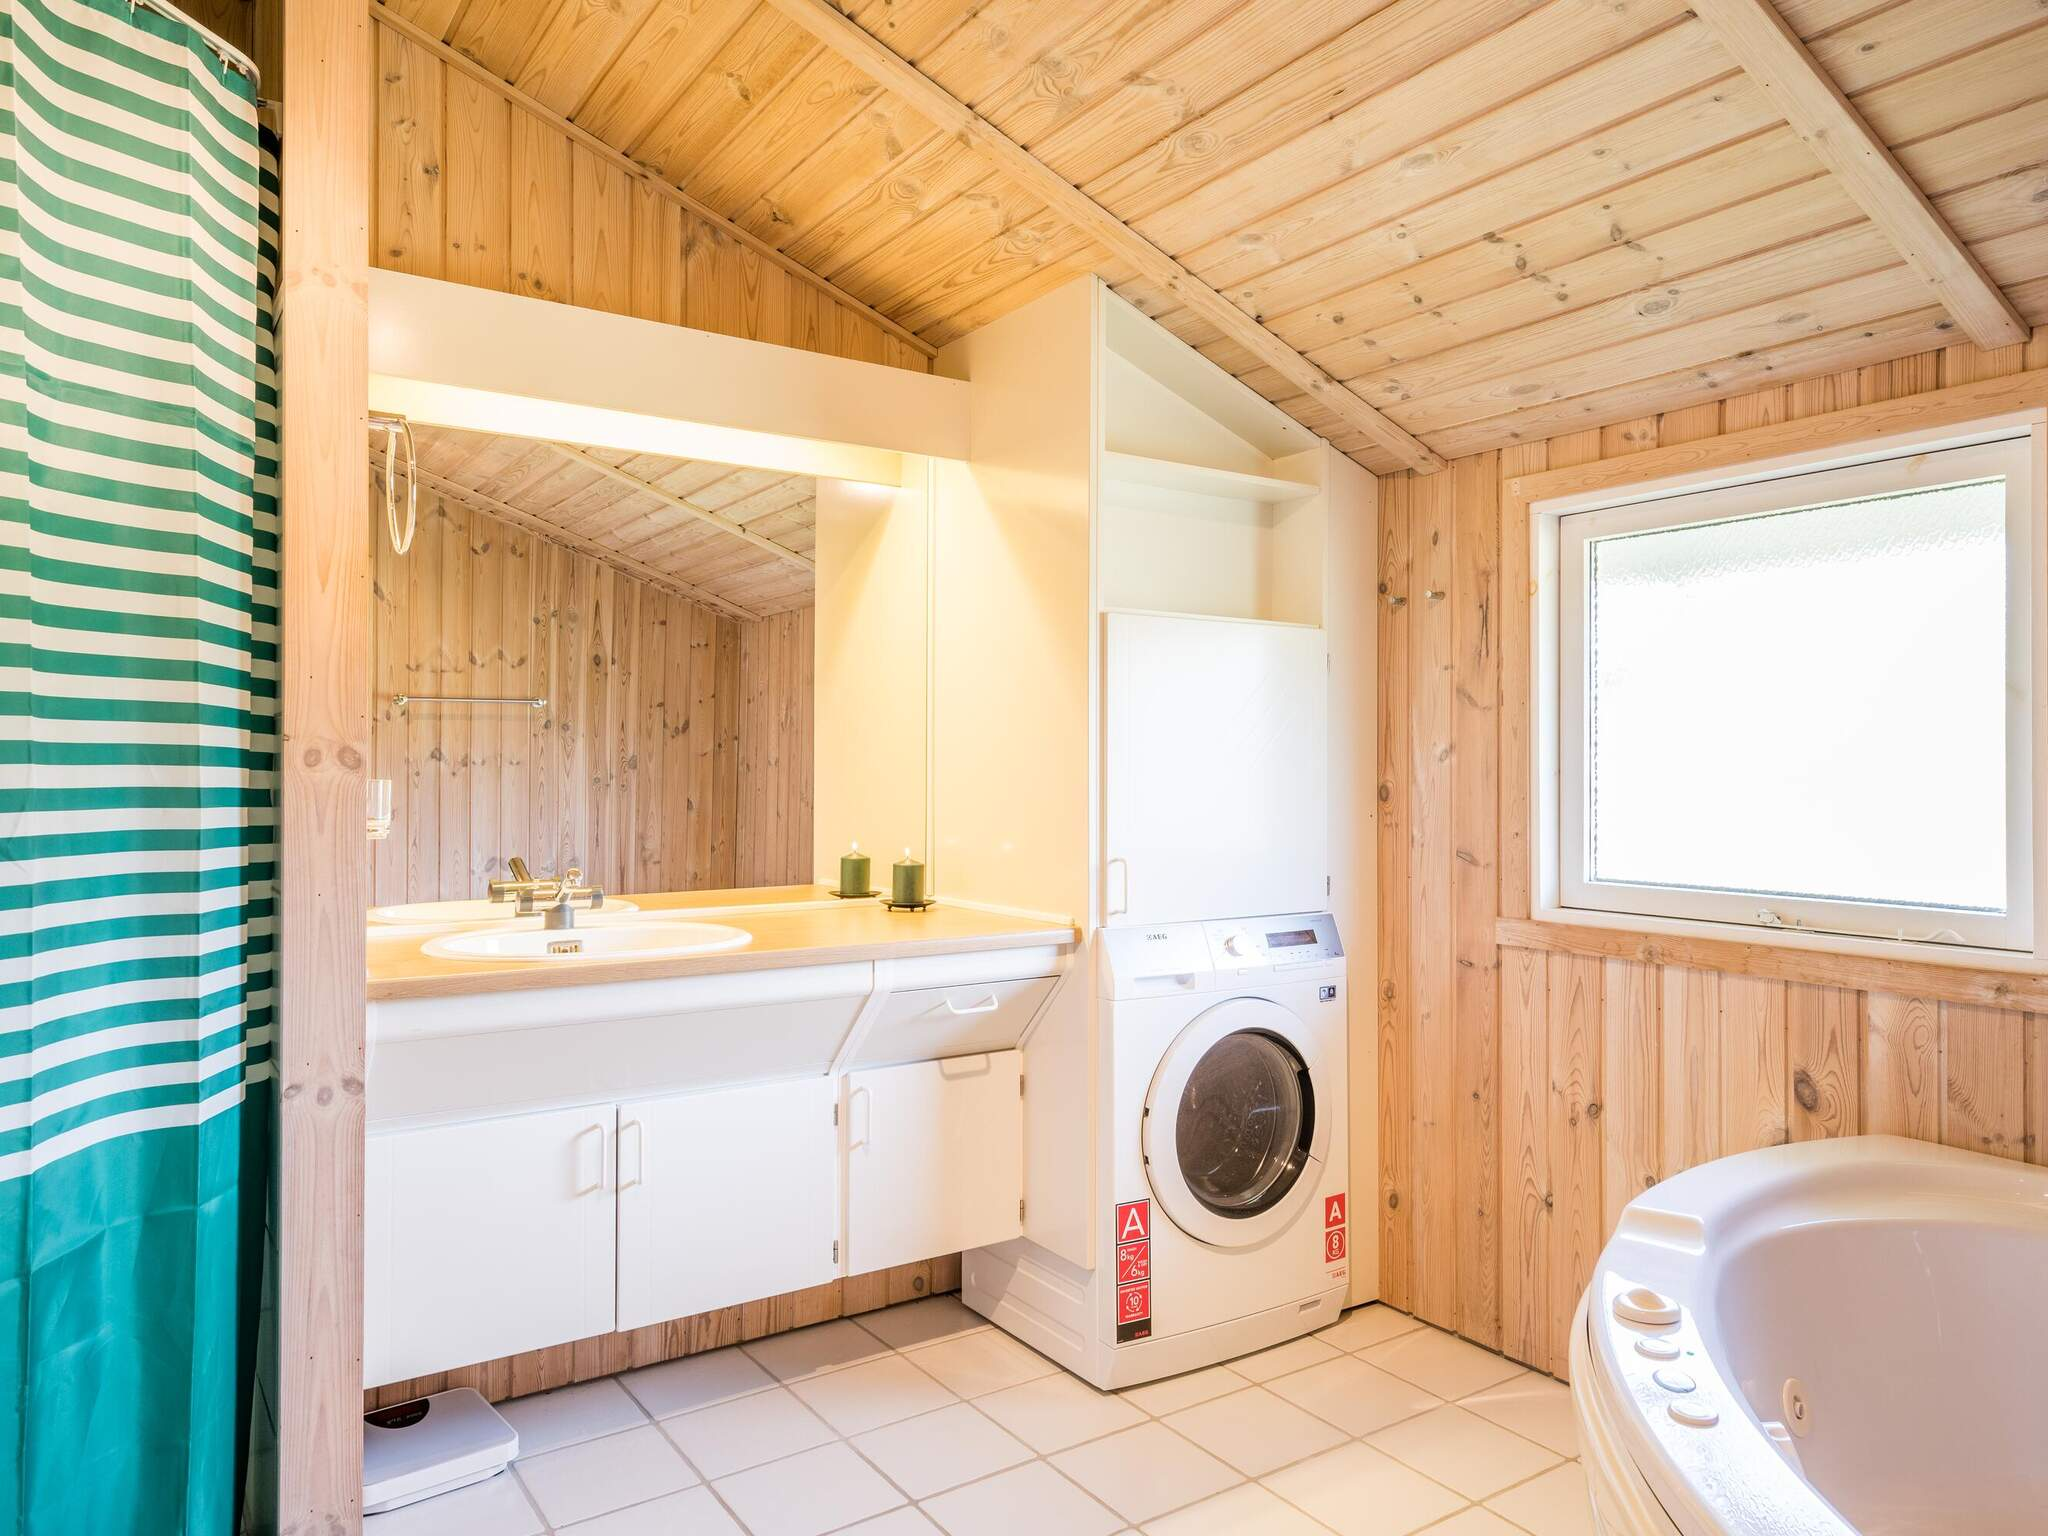 Ferienhaus Grærup (2818099), Grærup, , Westjütland, Dänemark, Bild 23